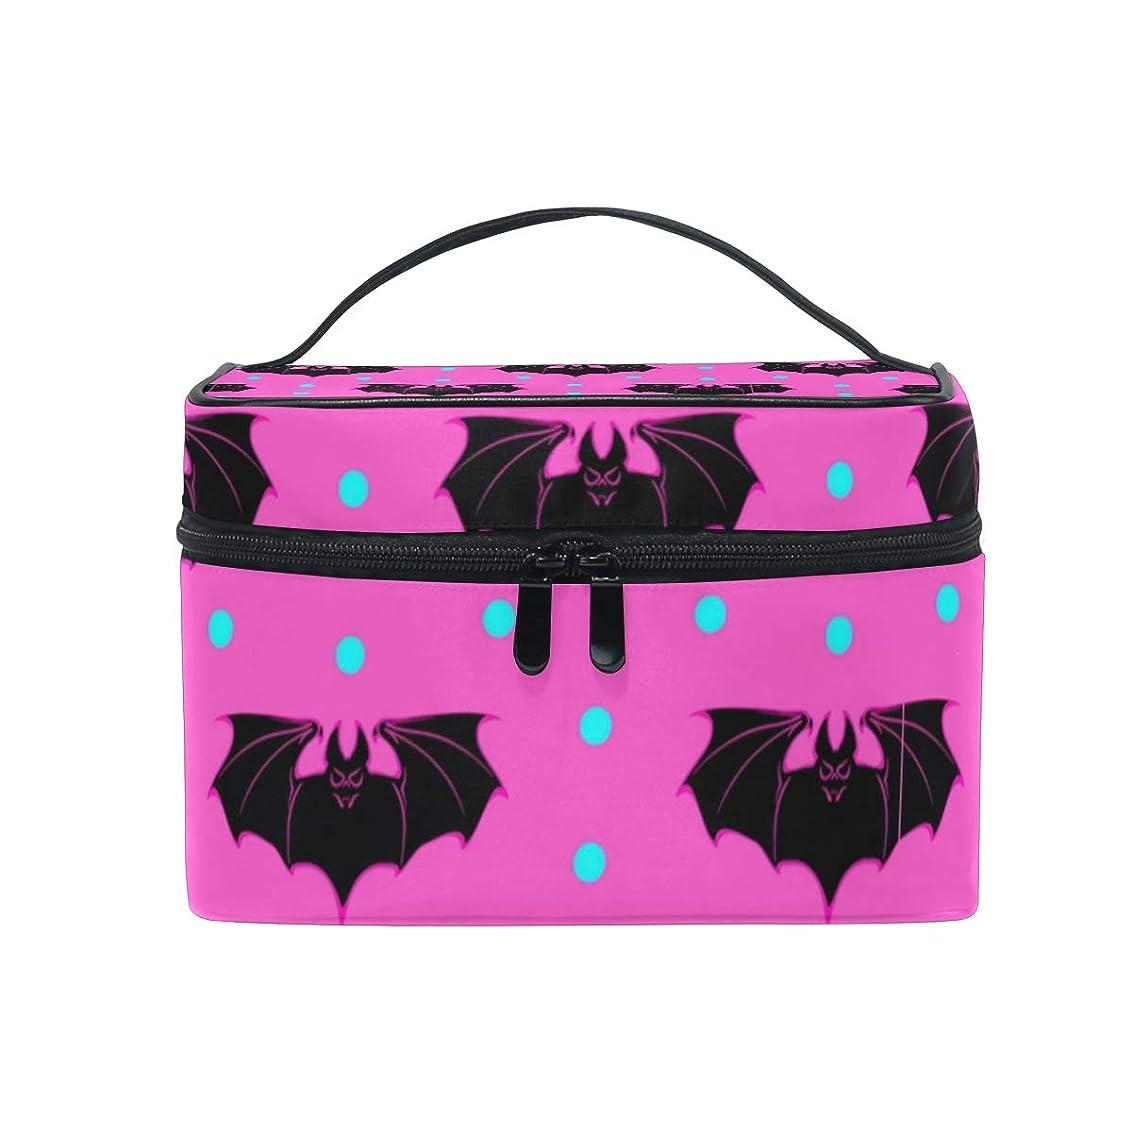 美徳礼儀に対応メイクボックス ピンクブラックバット柄 化粧ポーチ 化粧品 化粧道具 小物入れ メイクブラシバッグ 大容量 旅行用 収納ケース